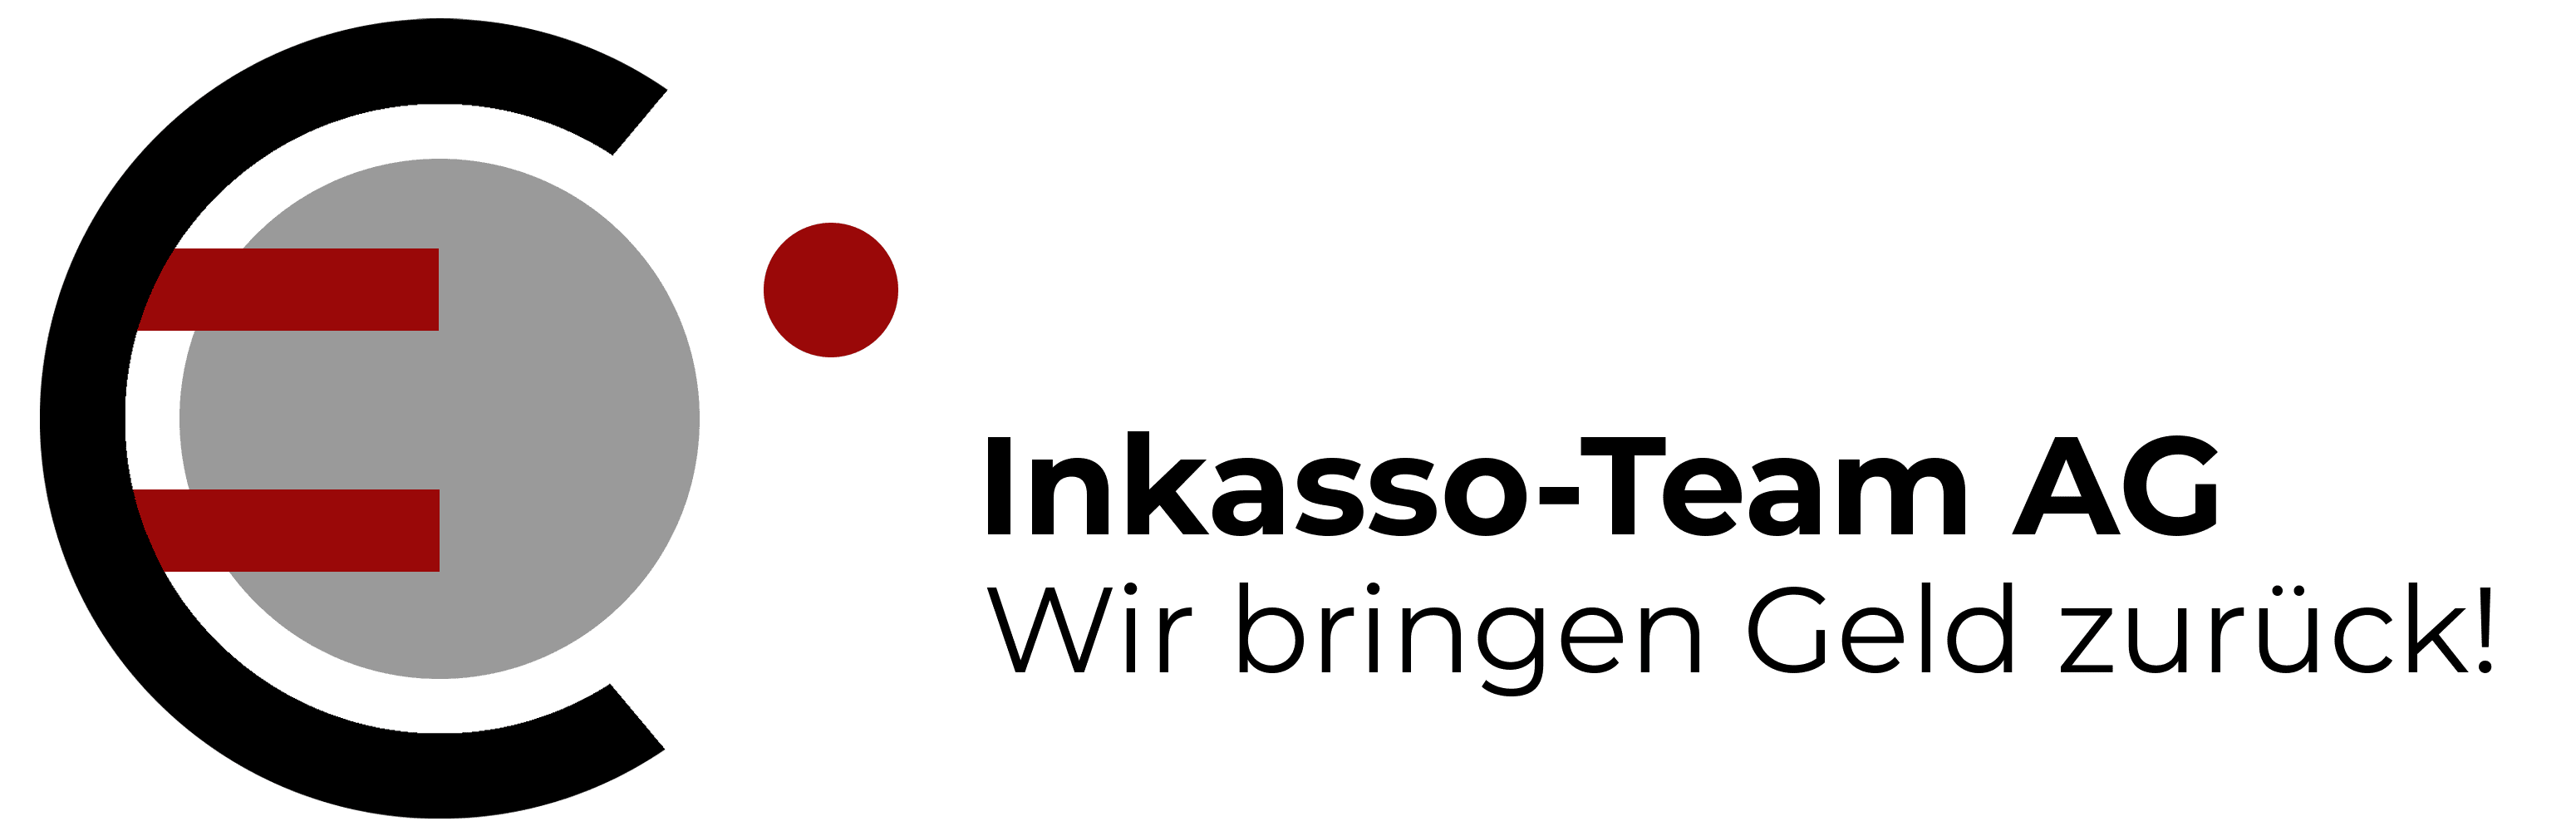 Logo des Inkassounternehmens mit Slogan